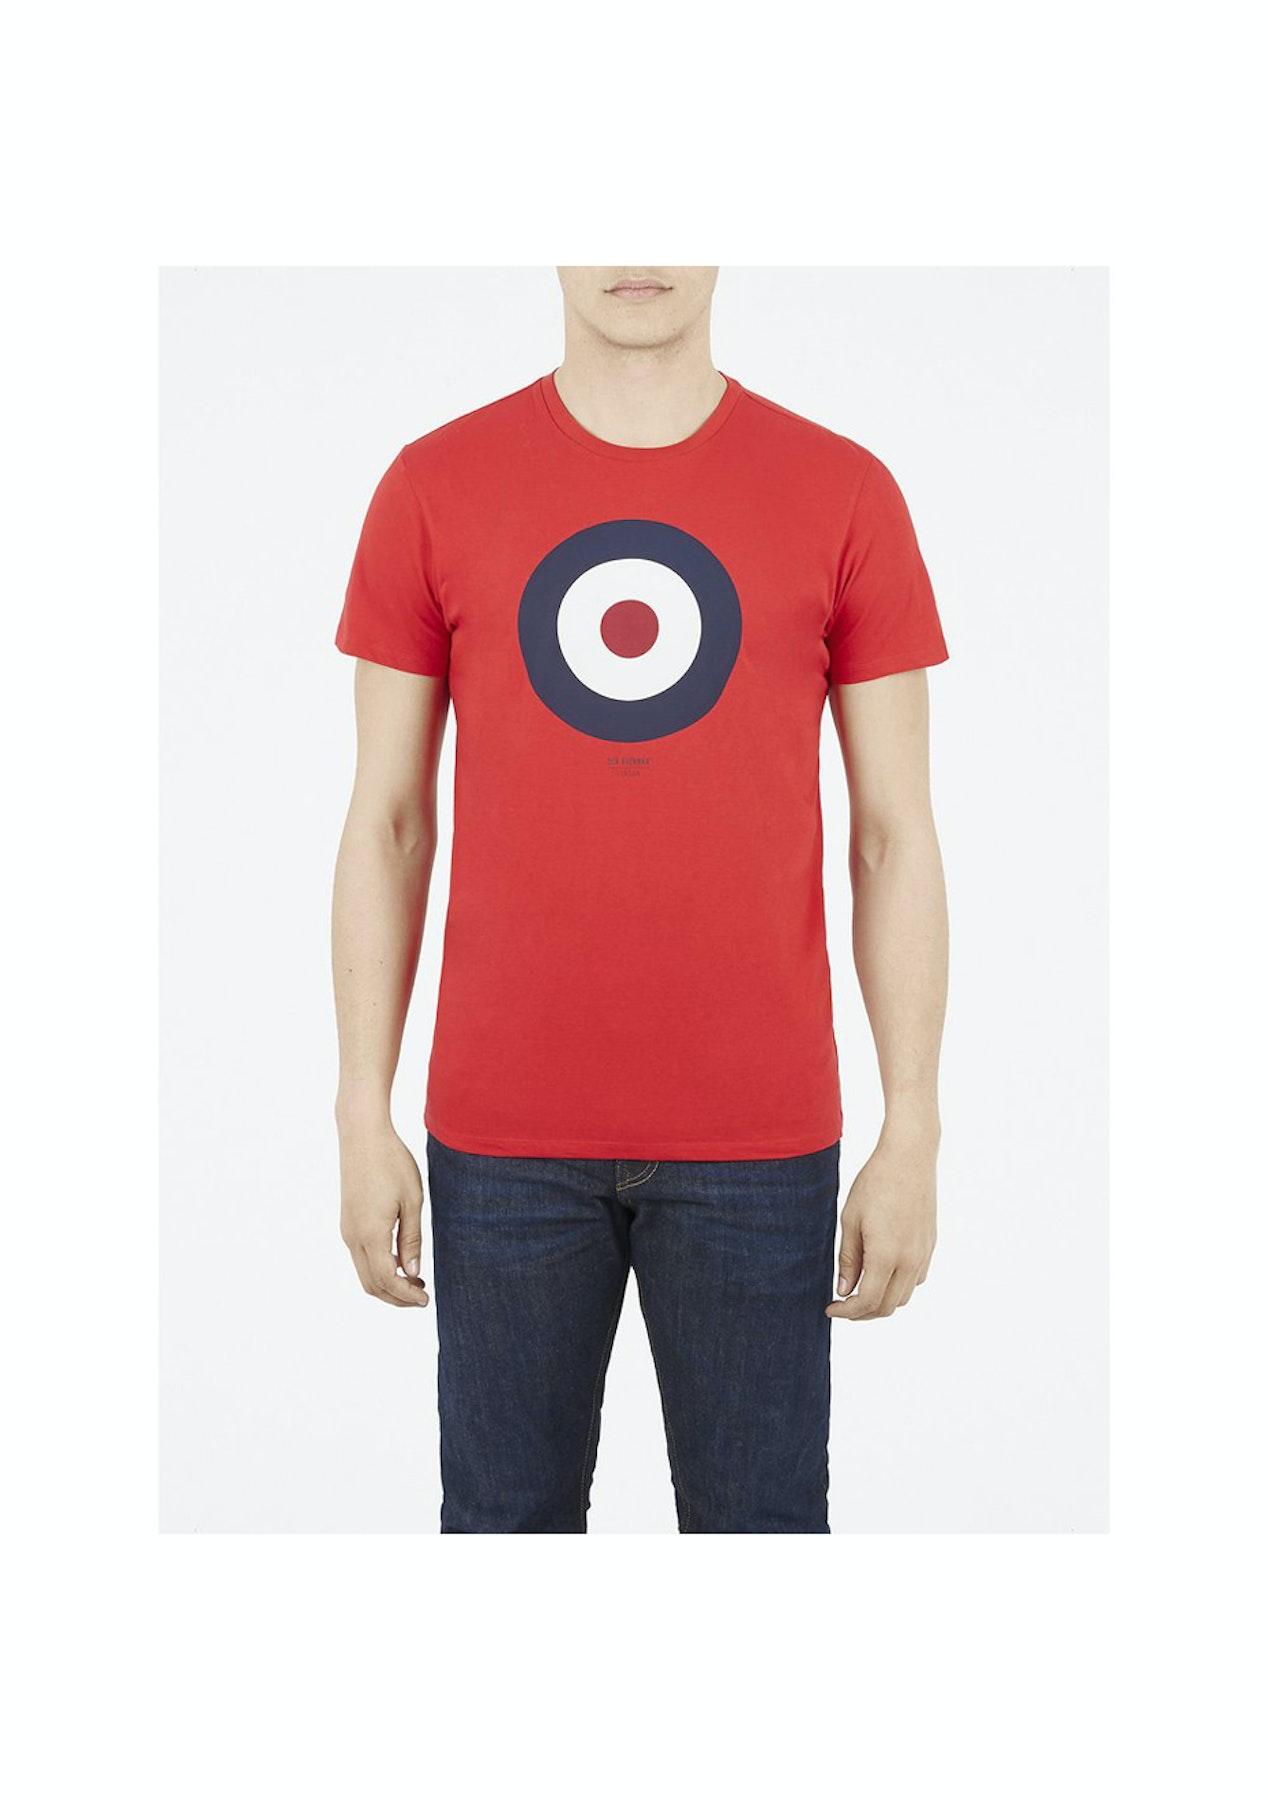 f80f57ac6 Ben Sherman - Target Tee - Red - Ben Sherman - Onceit